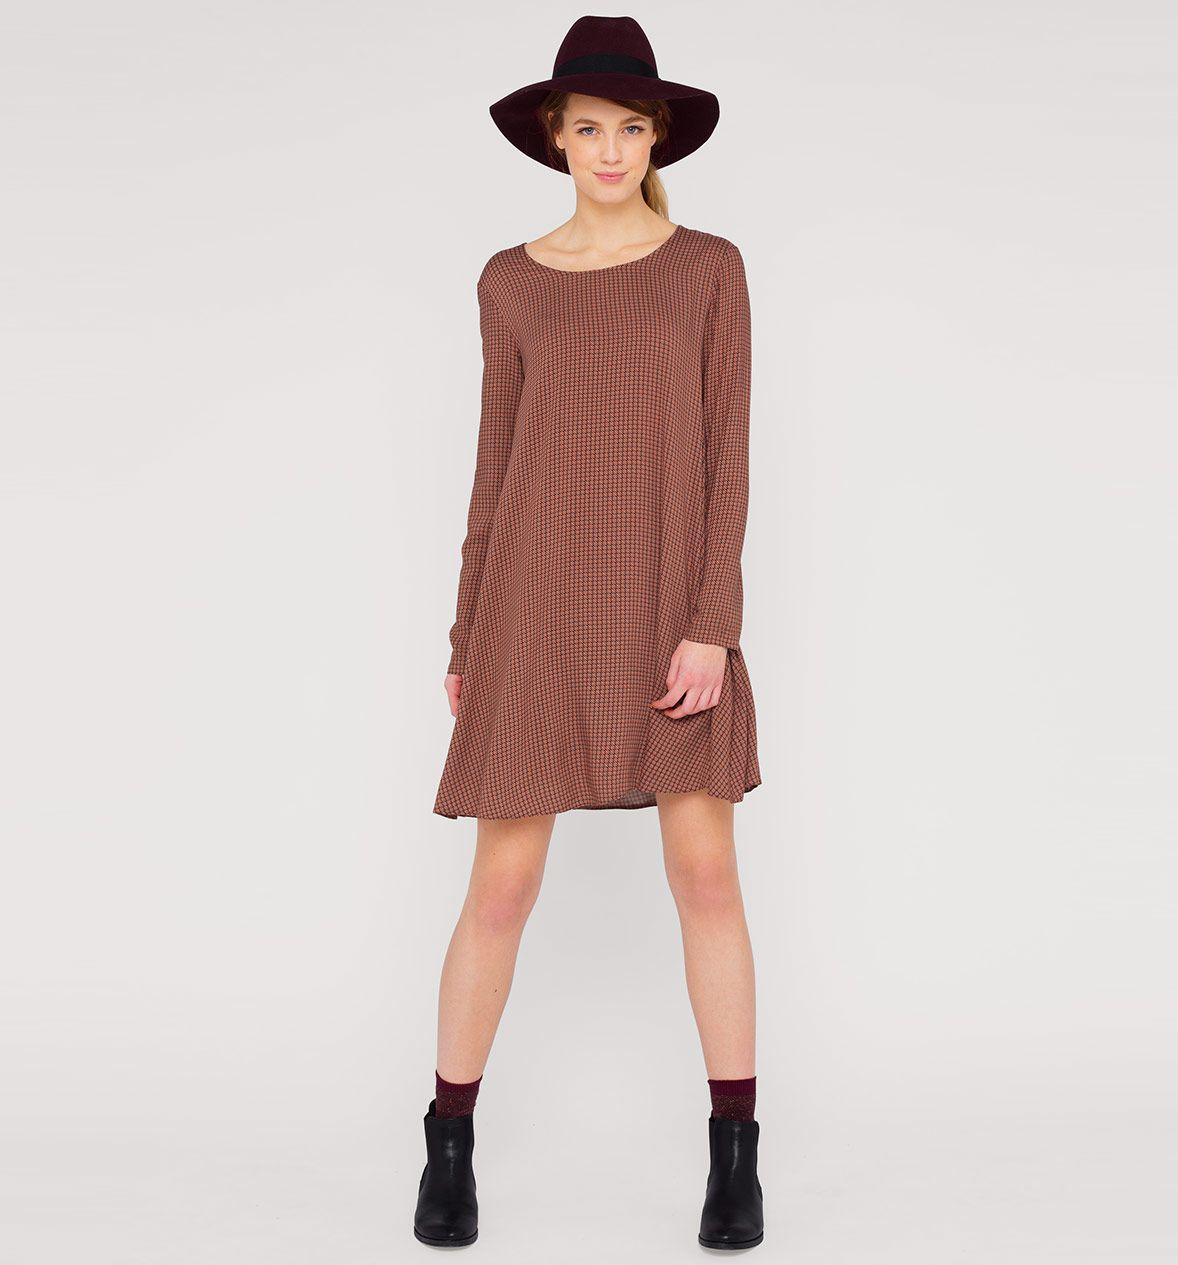 Damen Alle Kleider Gunstig Kleider Online Kaufen C A Kleider Online Gunstige Kleider Kleider Online Kaufen